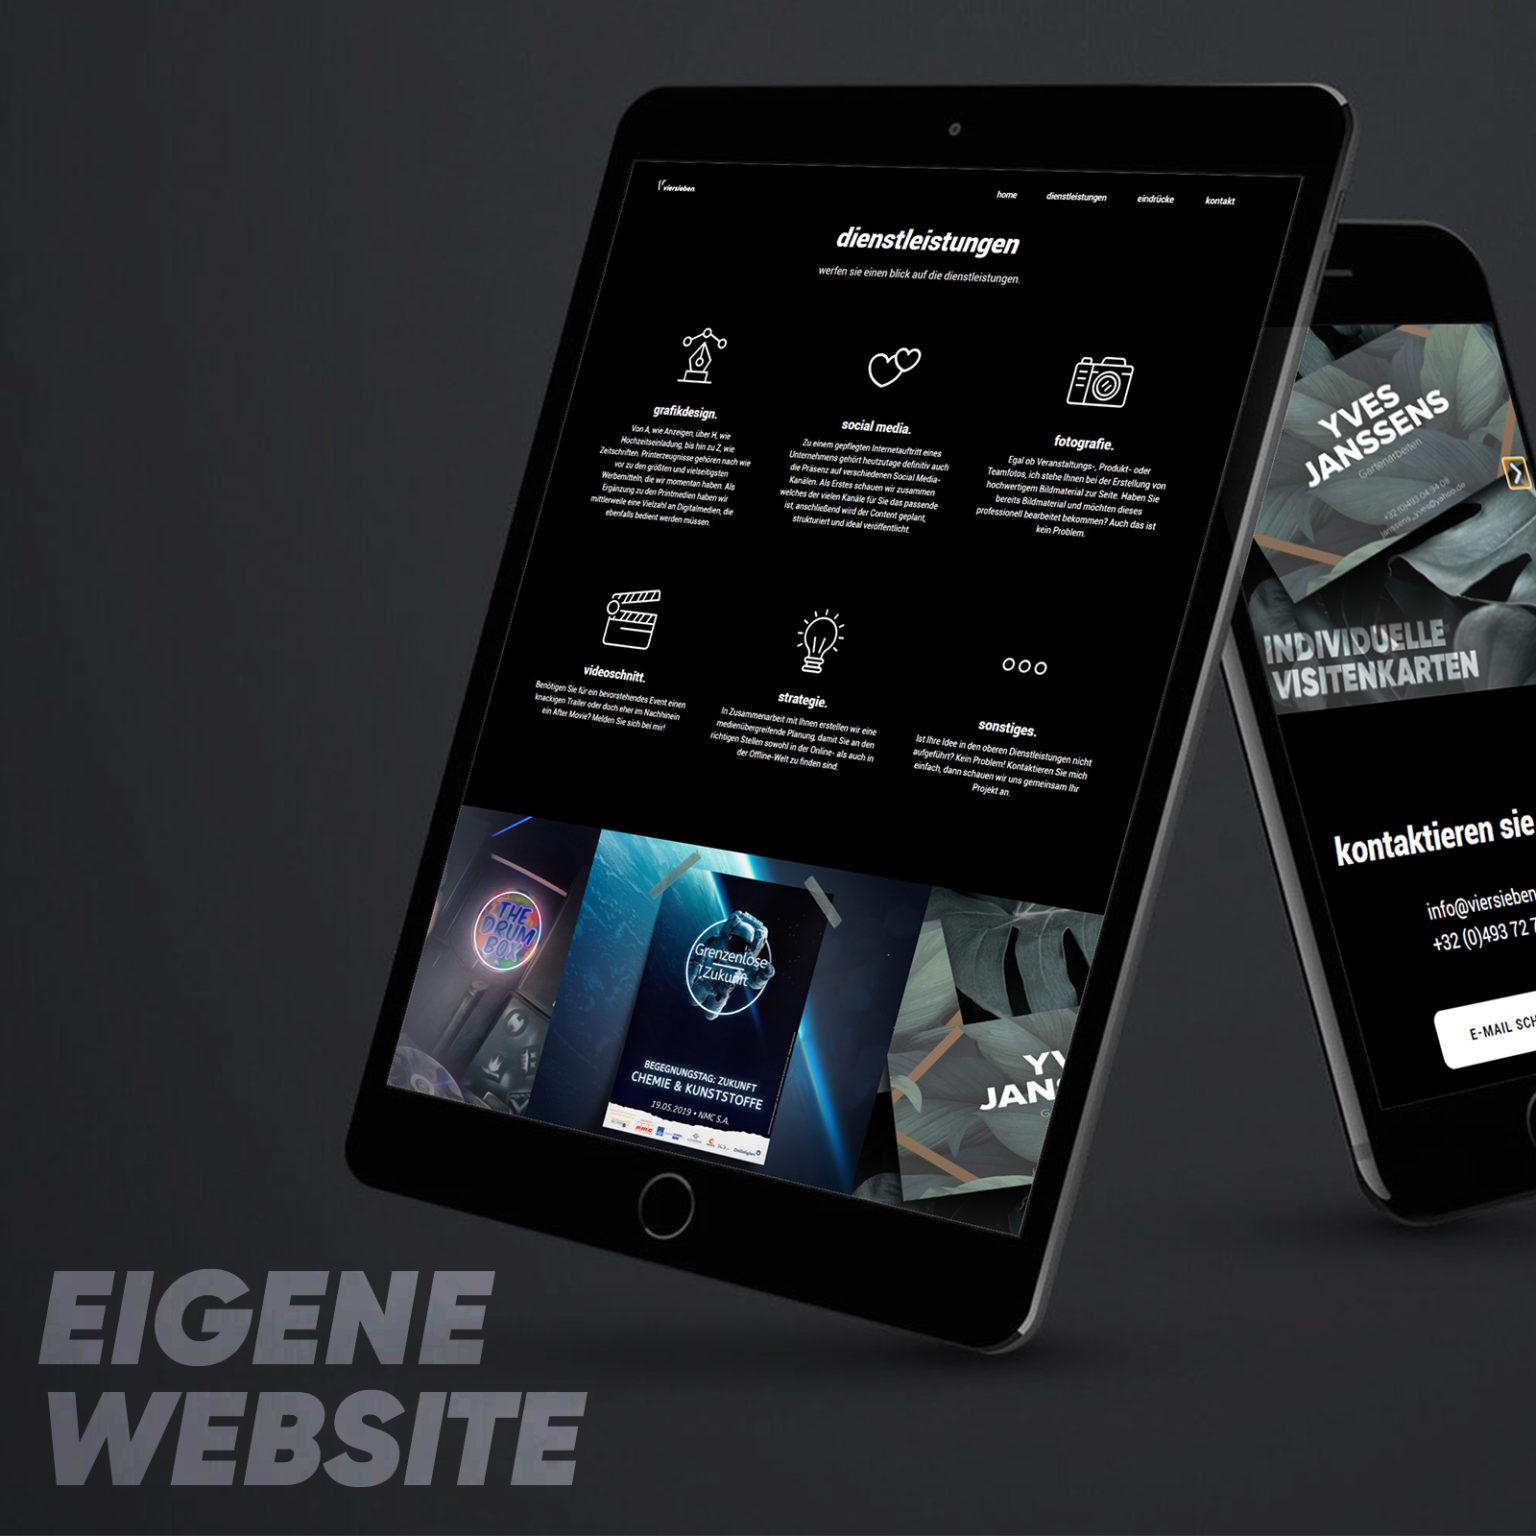 viersieben Website